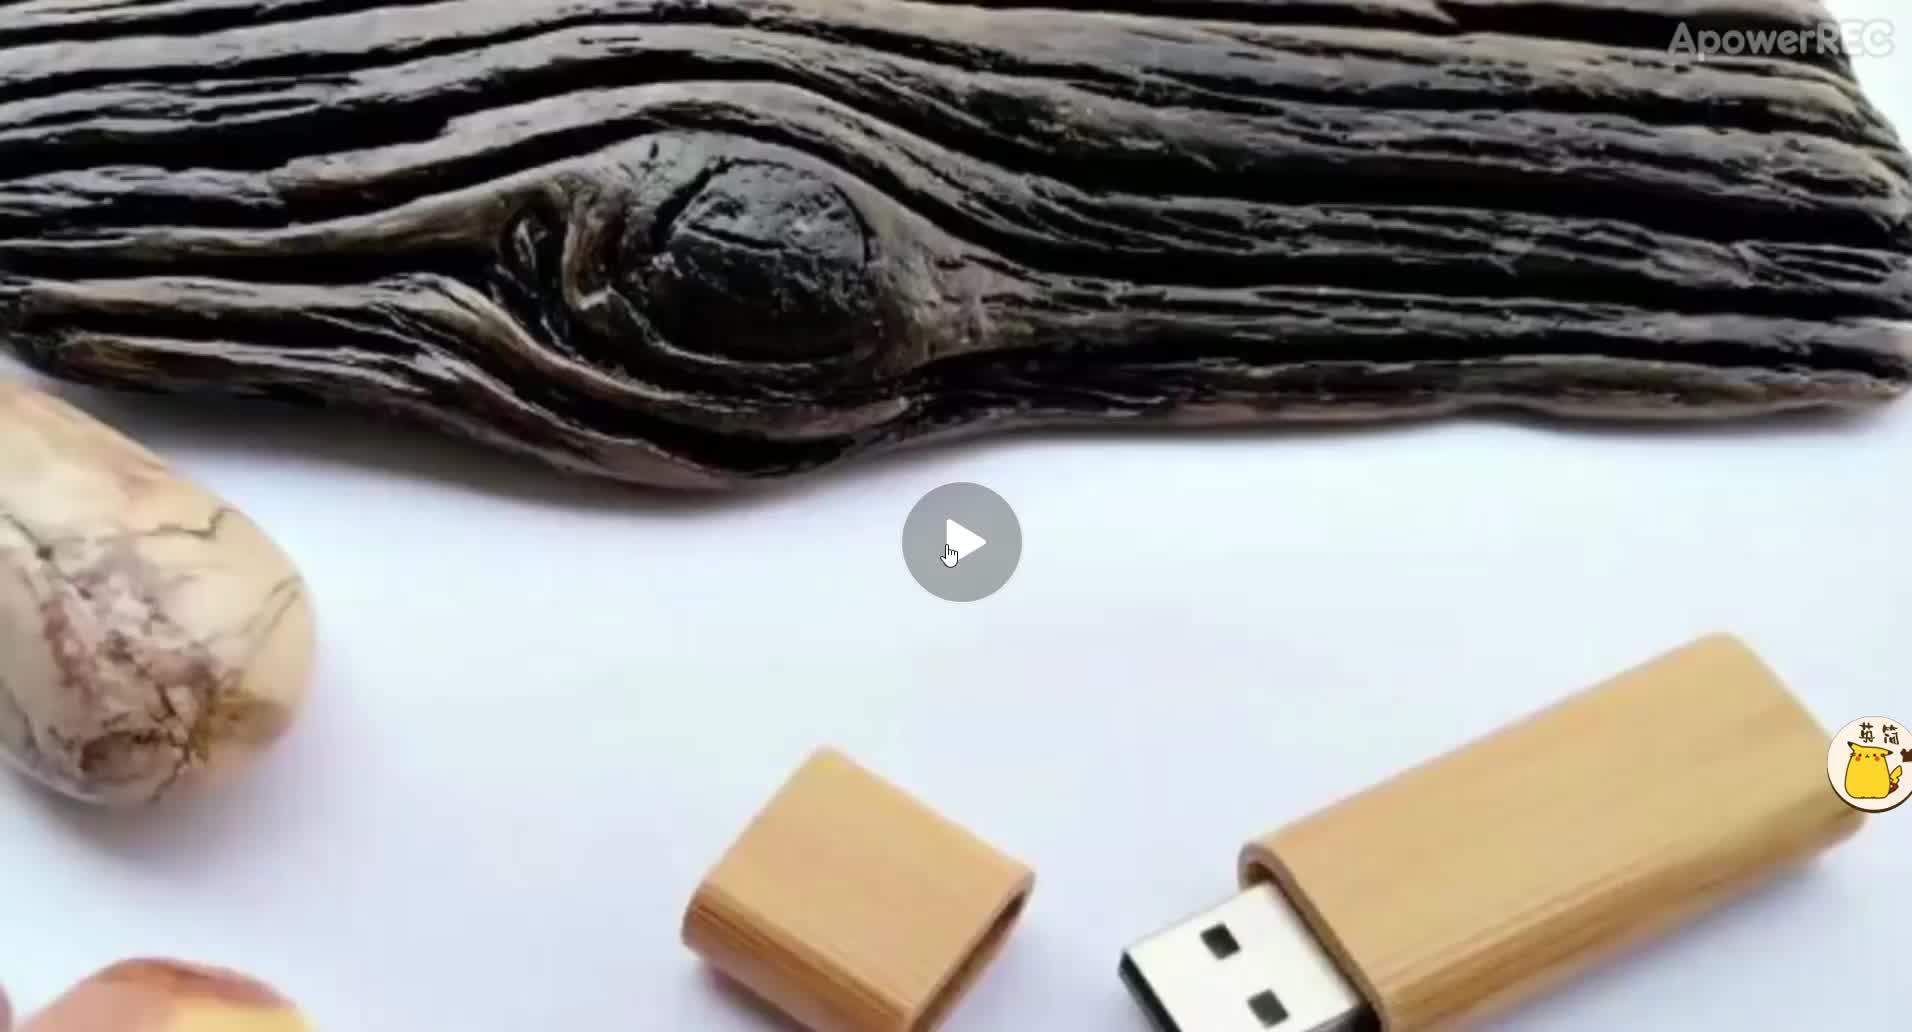 Di legno di promozione usb pendrive USB 128G di Legno usb memory stick